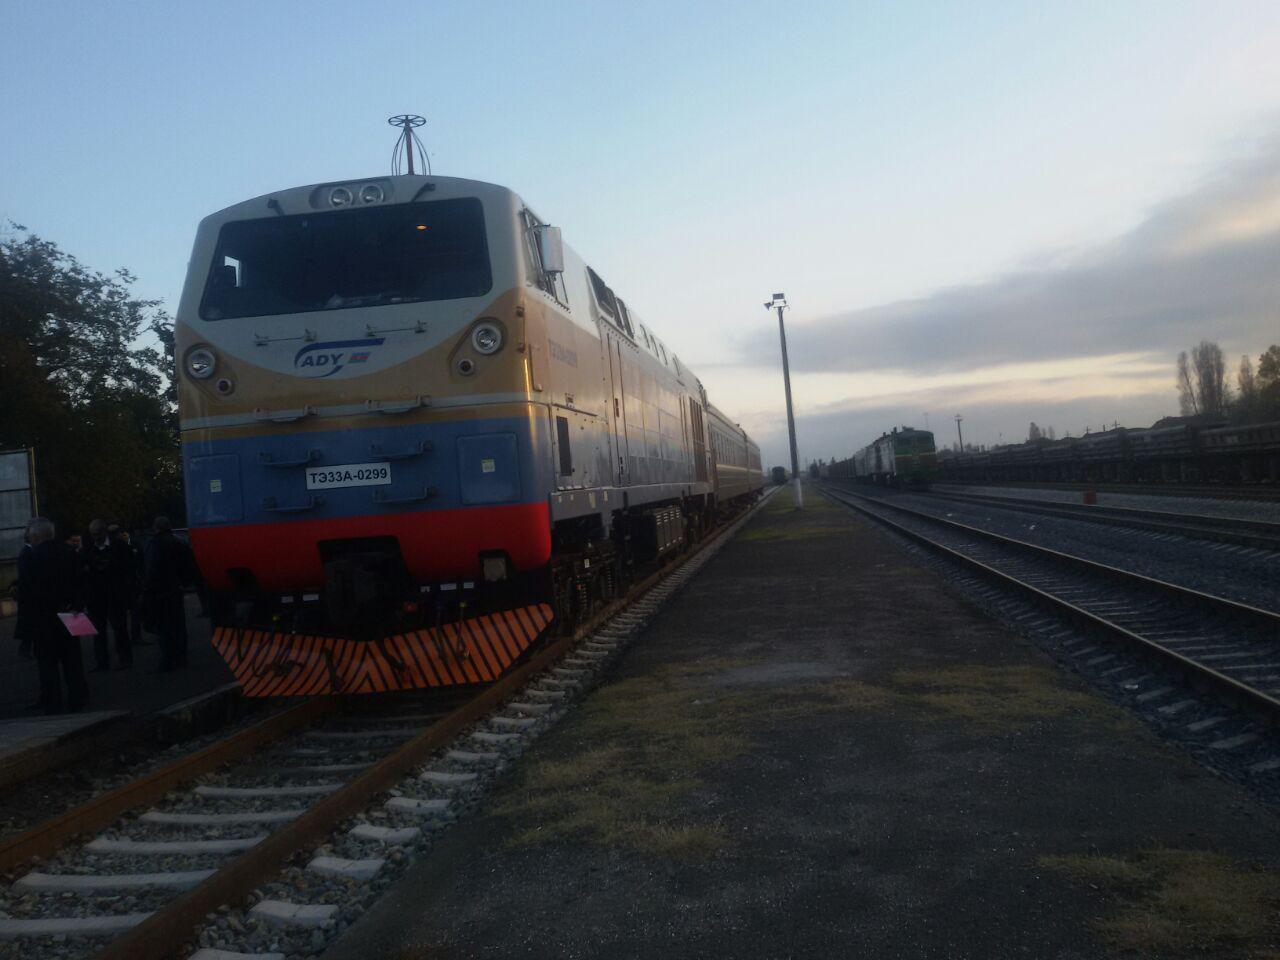 بهره برداری از ۲ پروژه راه آهن فارس، در هفته دولت